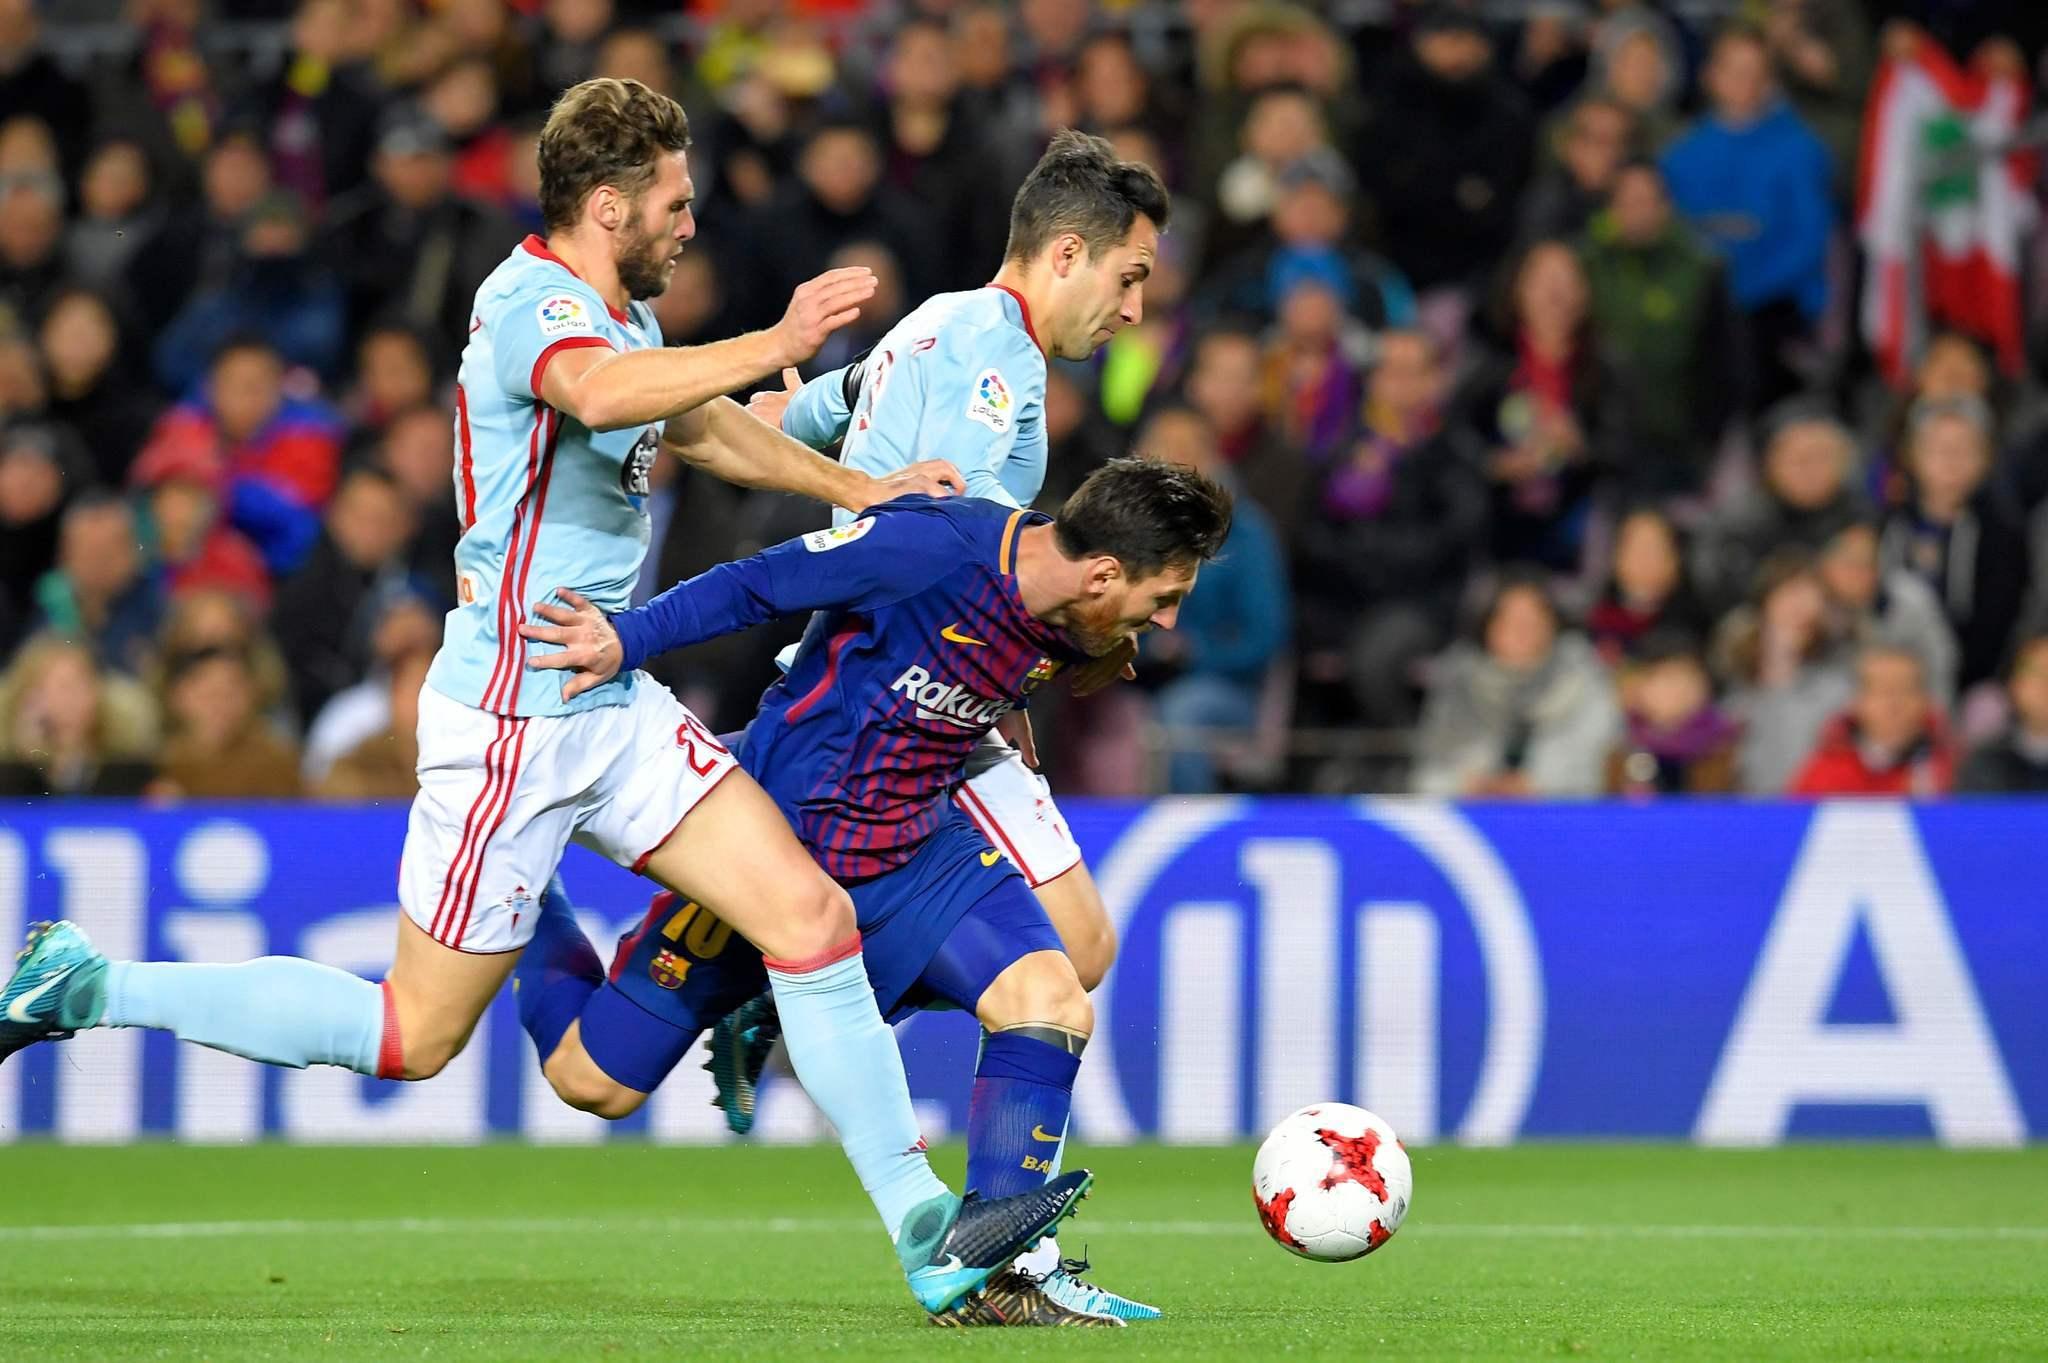 巴塞罗那巴西联线势不可挡 梅西最佳搭档竟是他